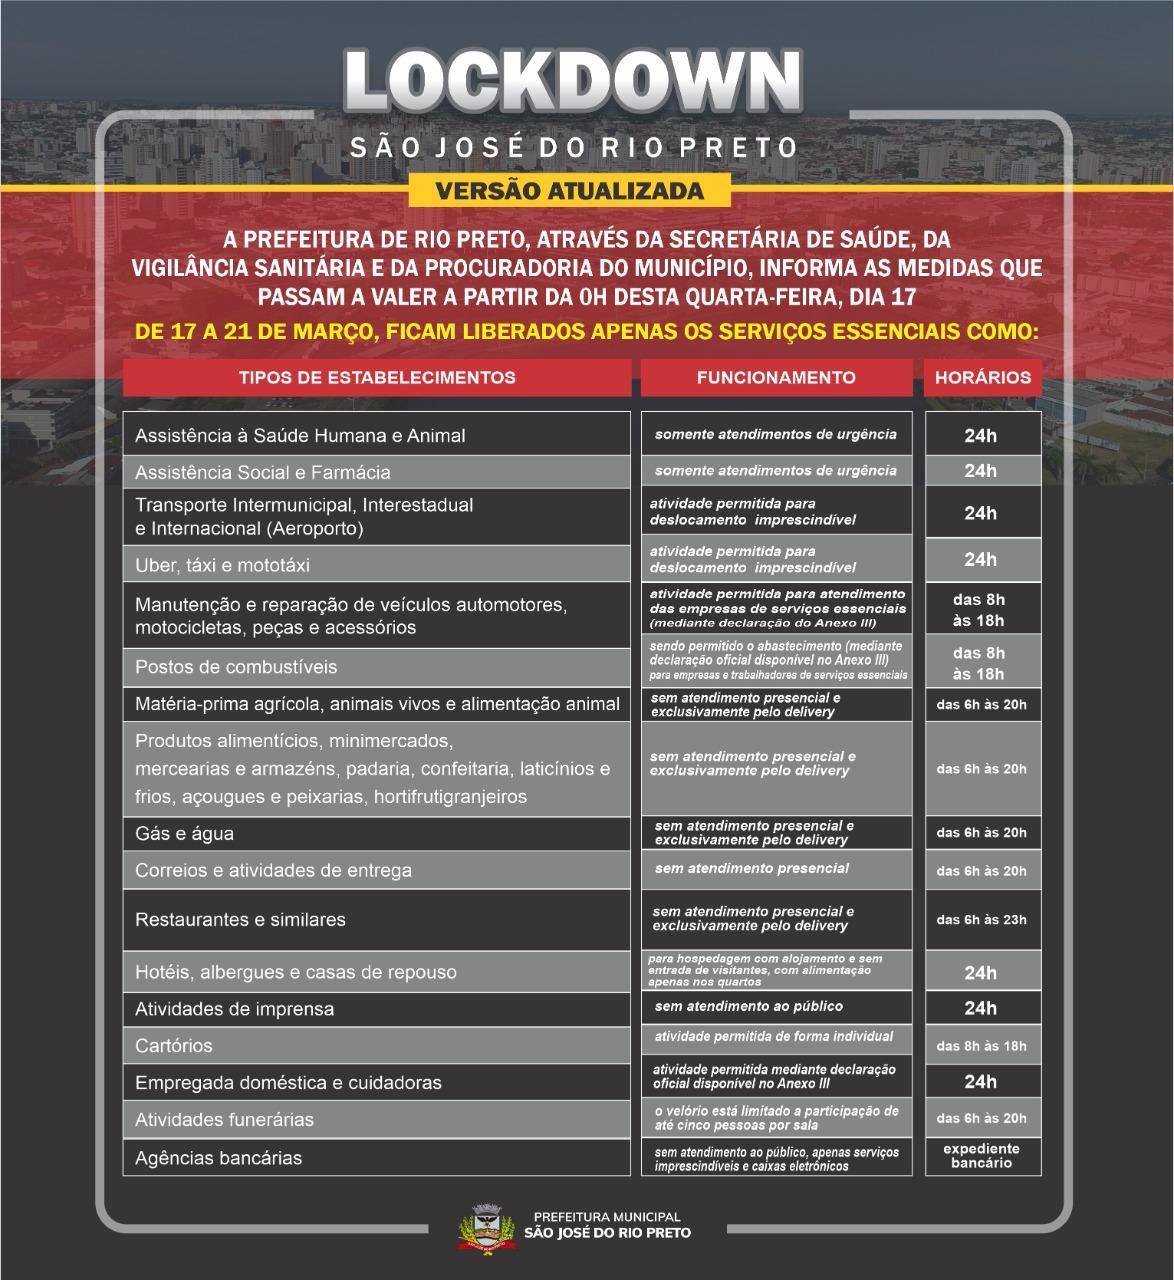 lockdownRegras01